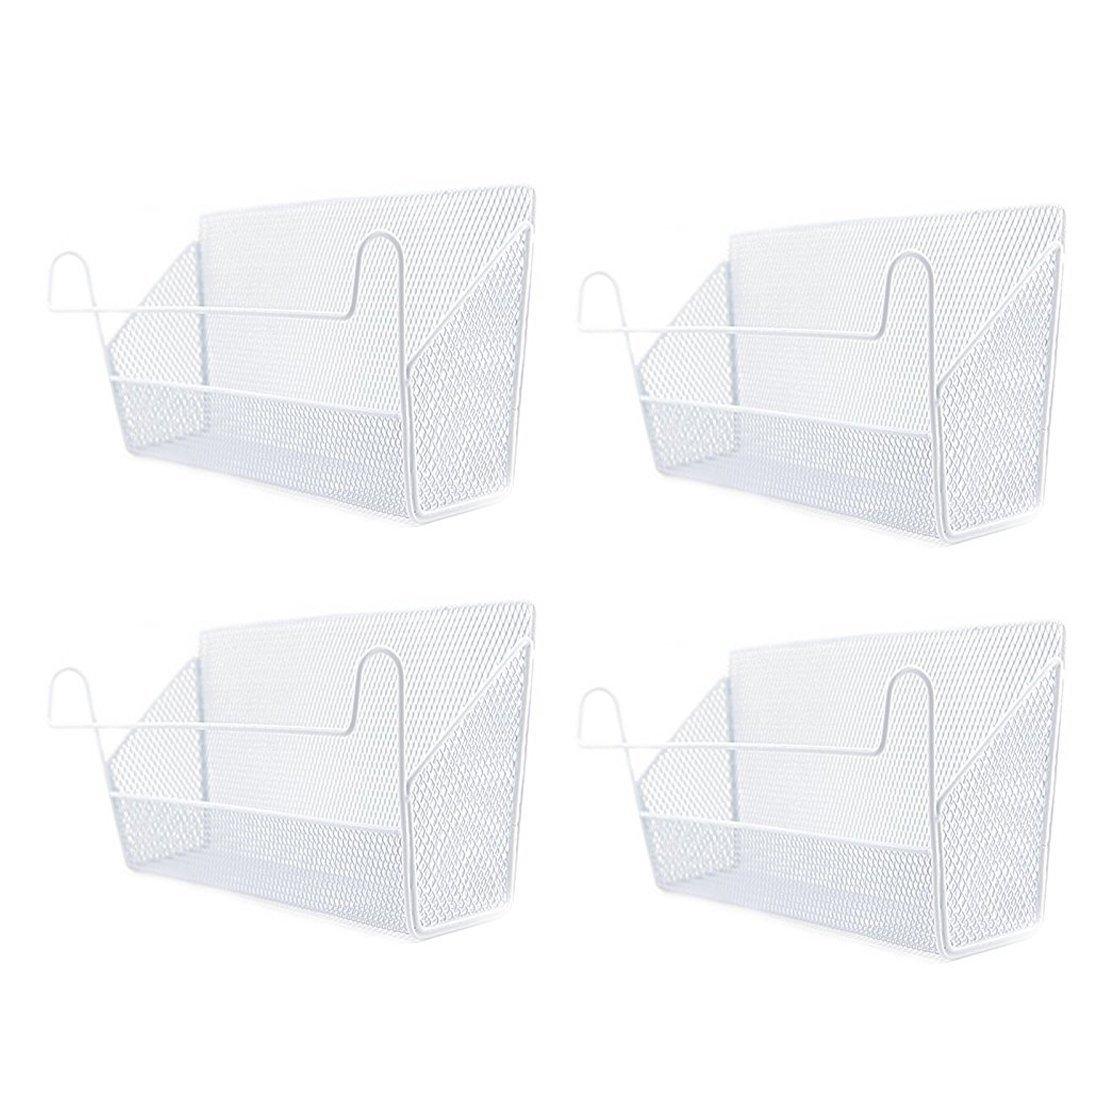 Vicoki 4Pack Bed Baskets Dormitory Bedside Containers Hanging Storage Basket Desktop Corner Shelves Holder Black